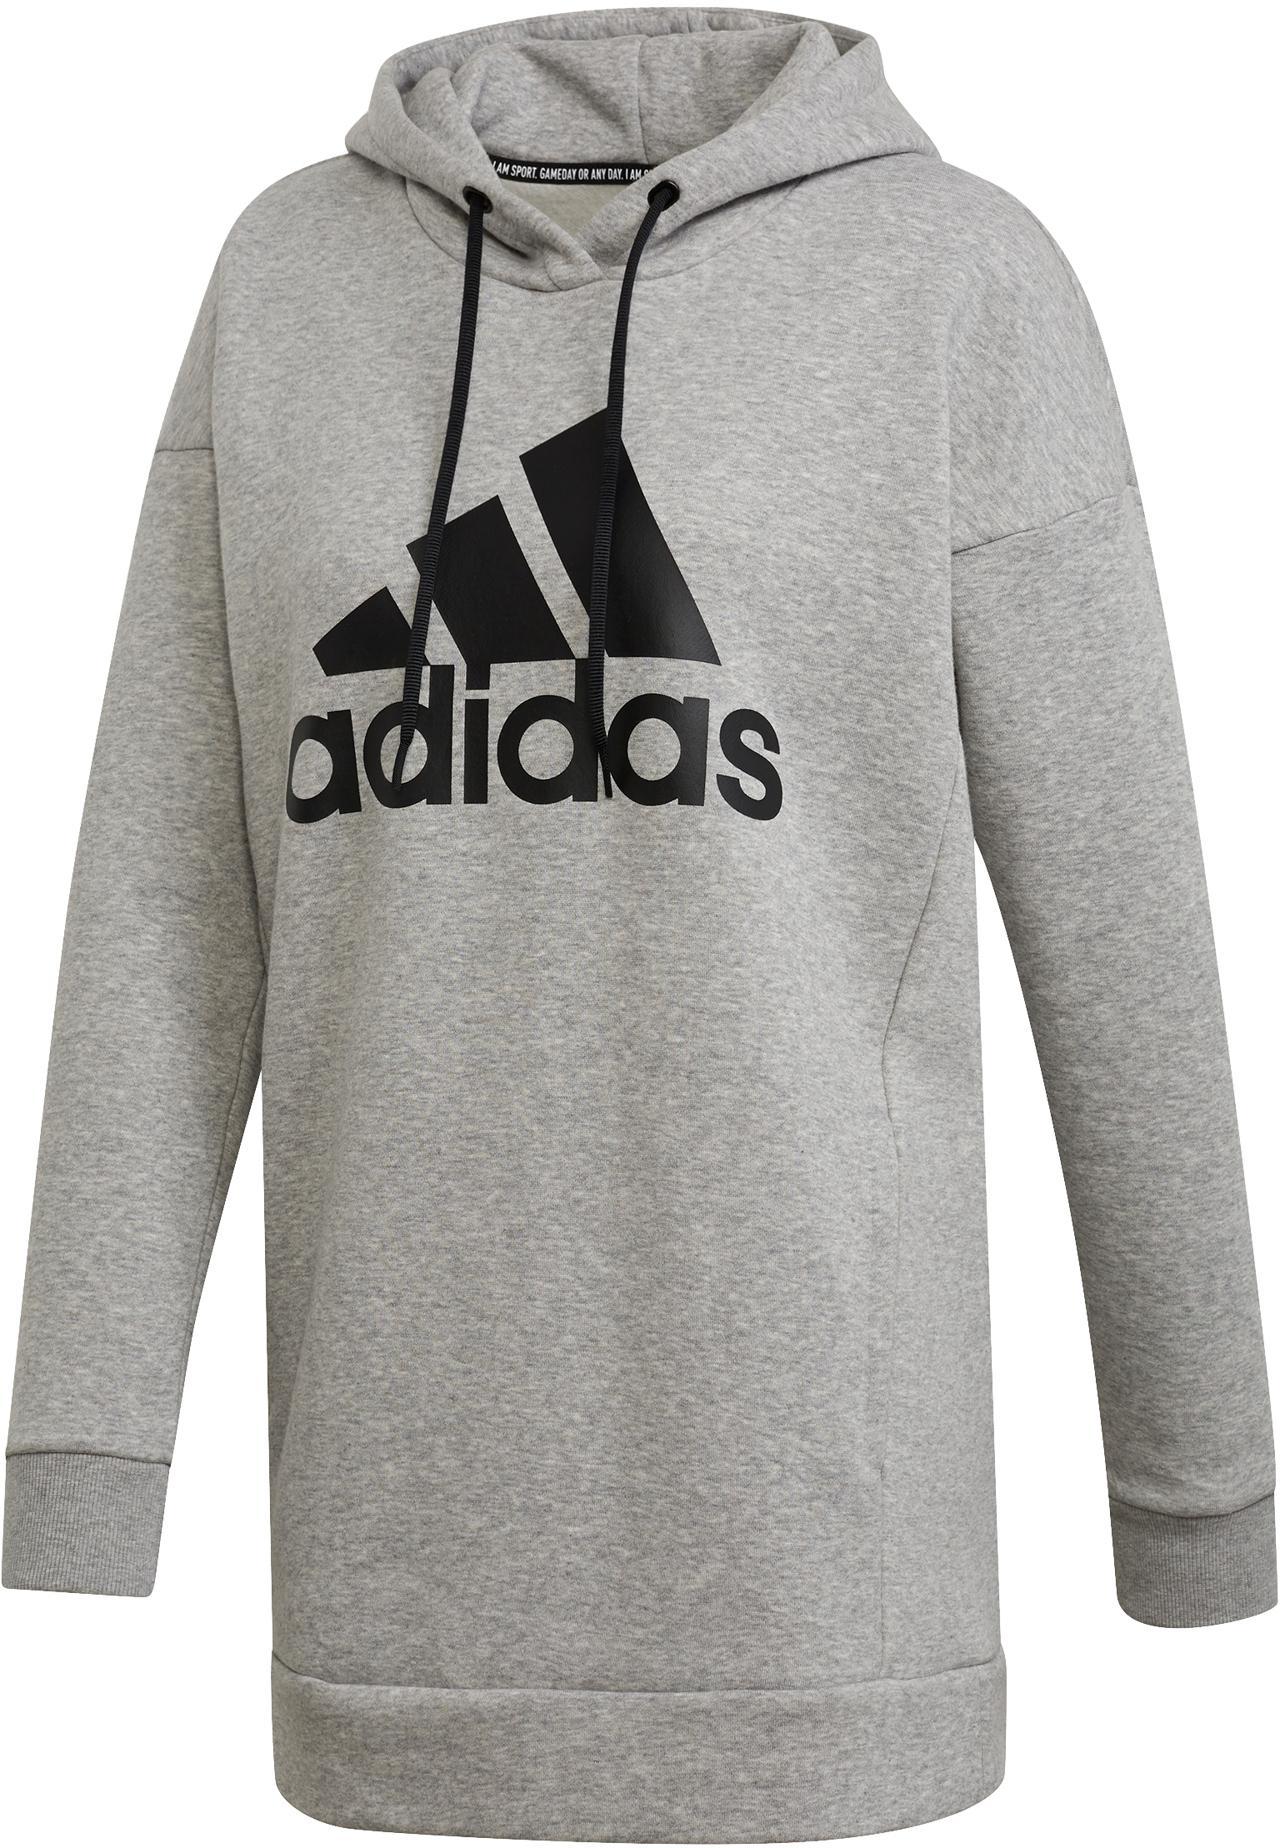 Damen Pullover online günstig kaufen über shop24.at   shop24